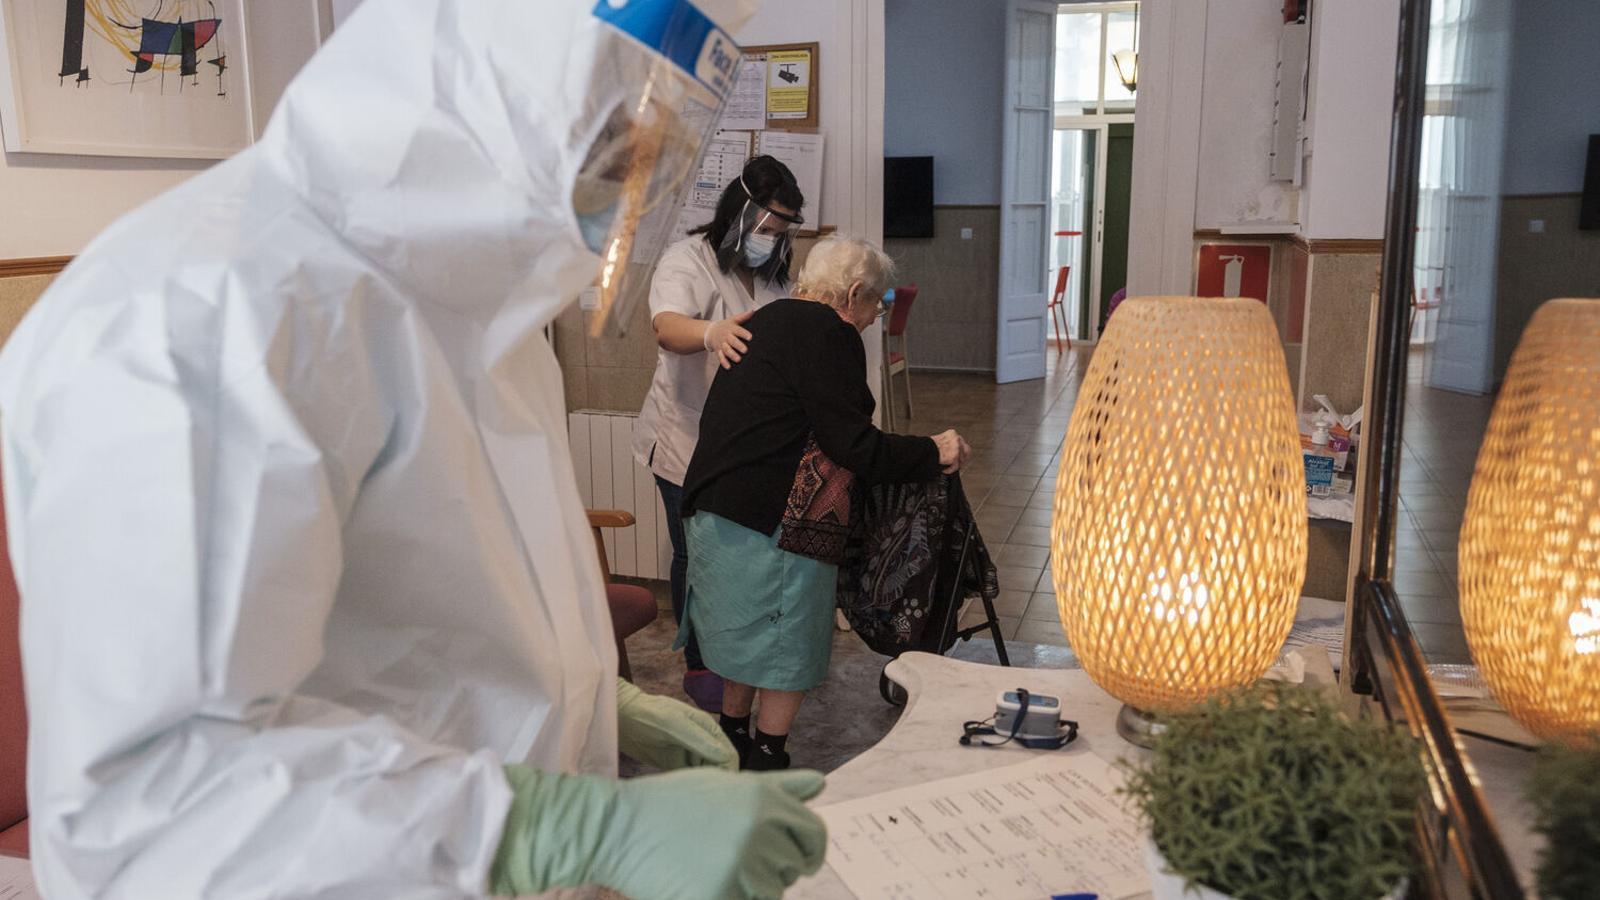 Des de l'inici de la pandèmia, 161 persones han perdut la vida en les residències de gent gran de les Illes